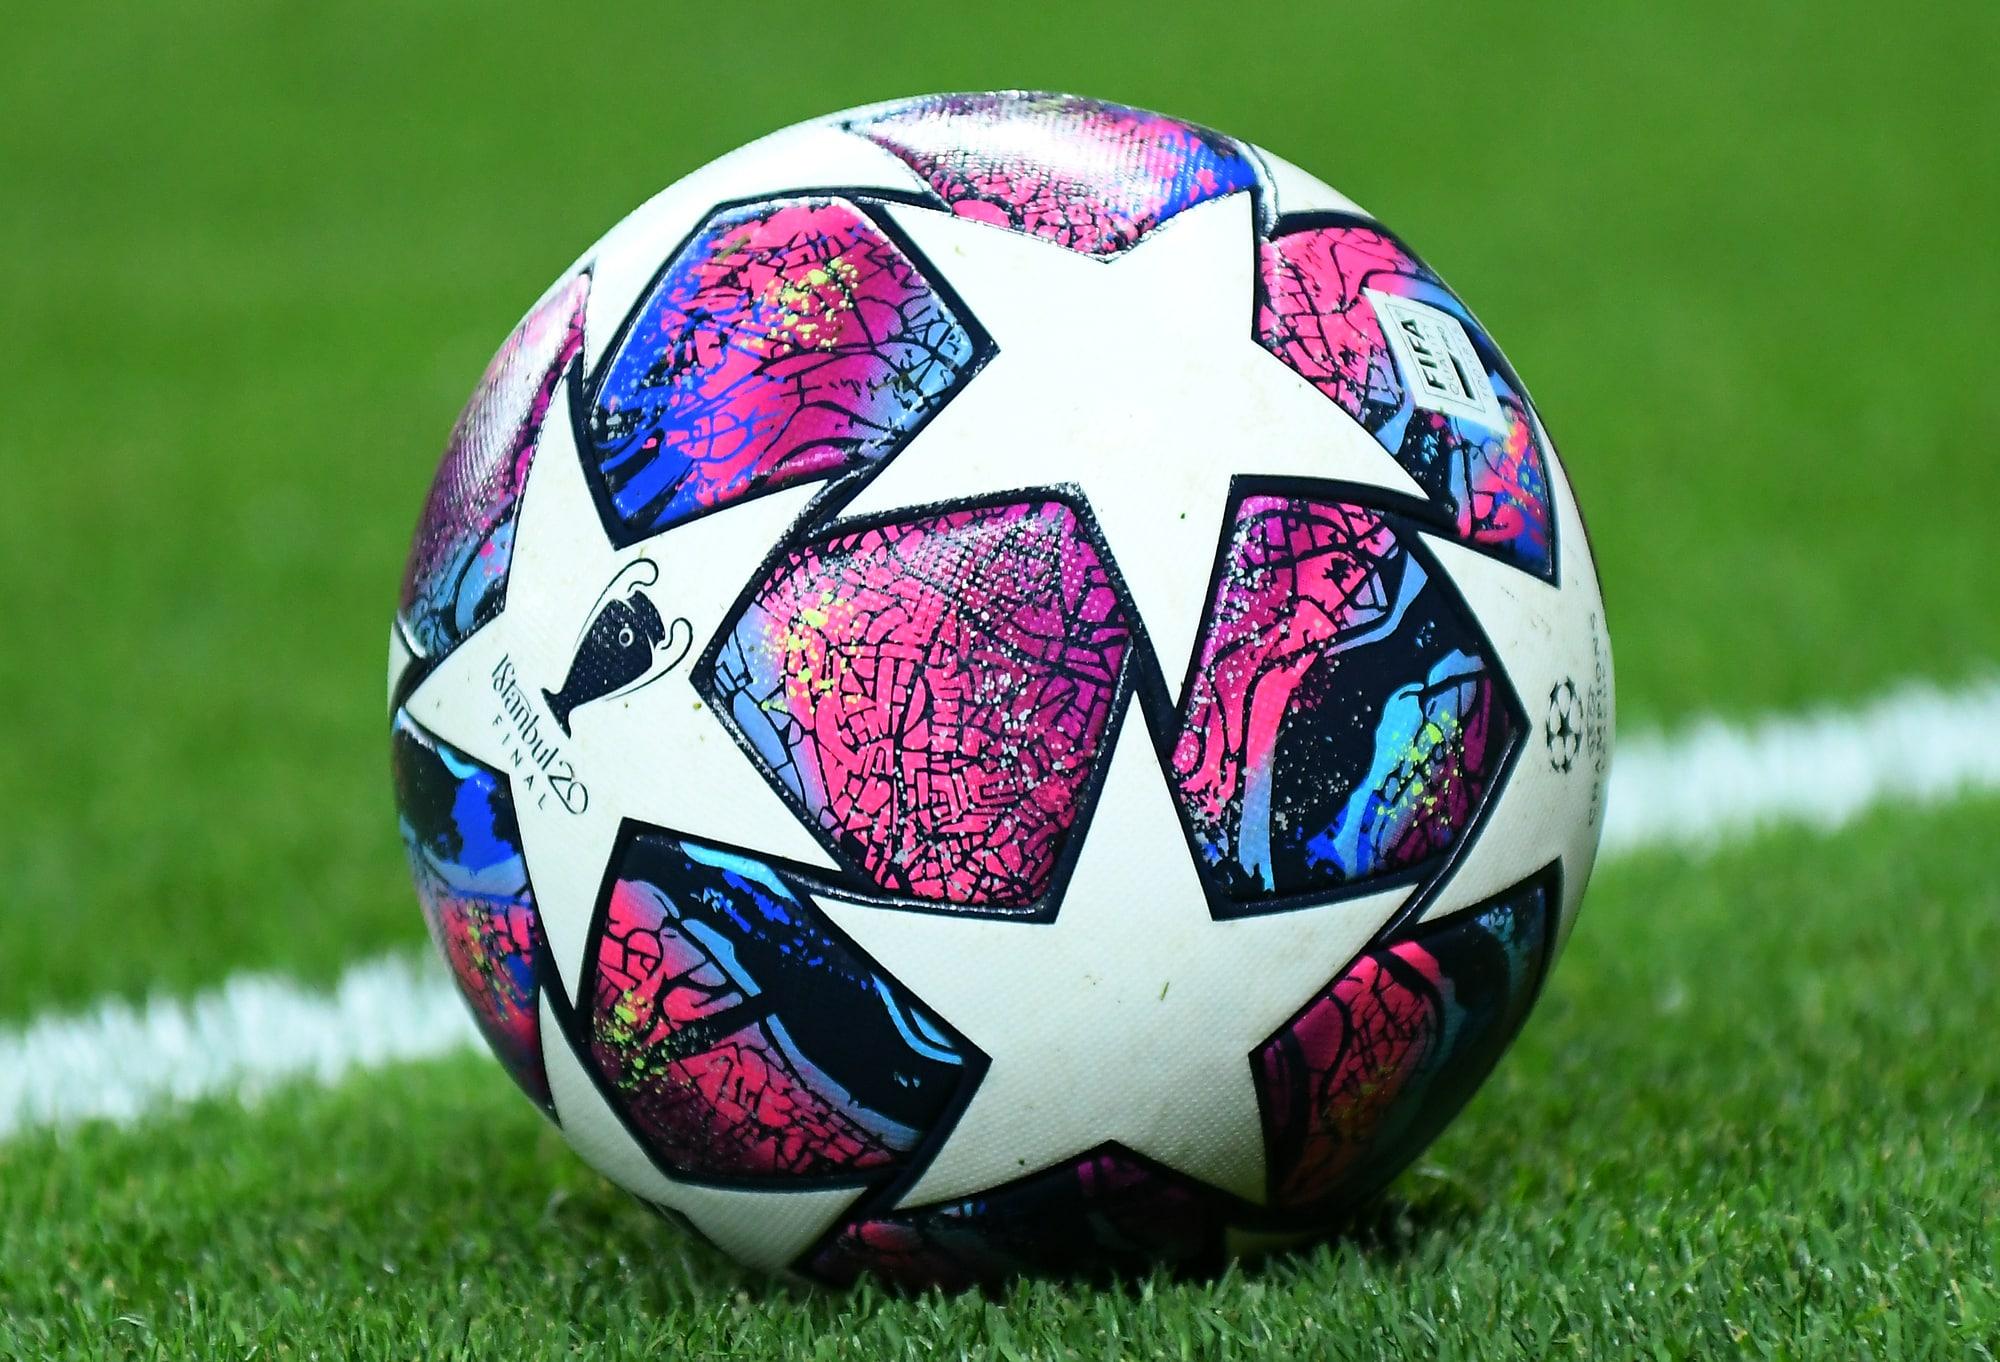 UEFA Champions League final preview